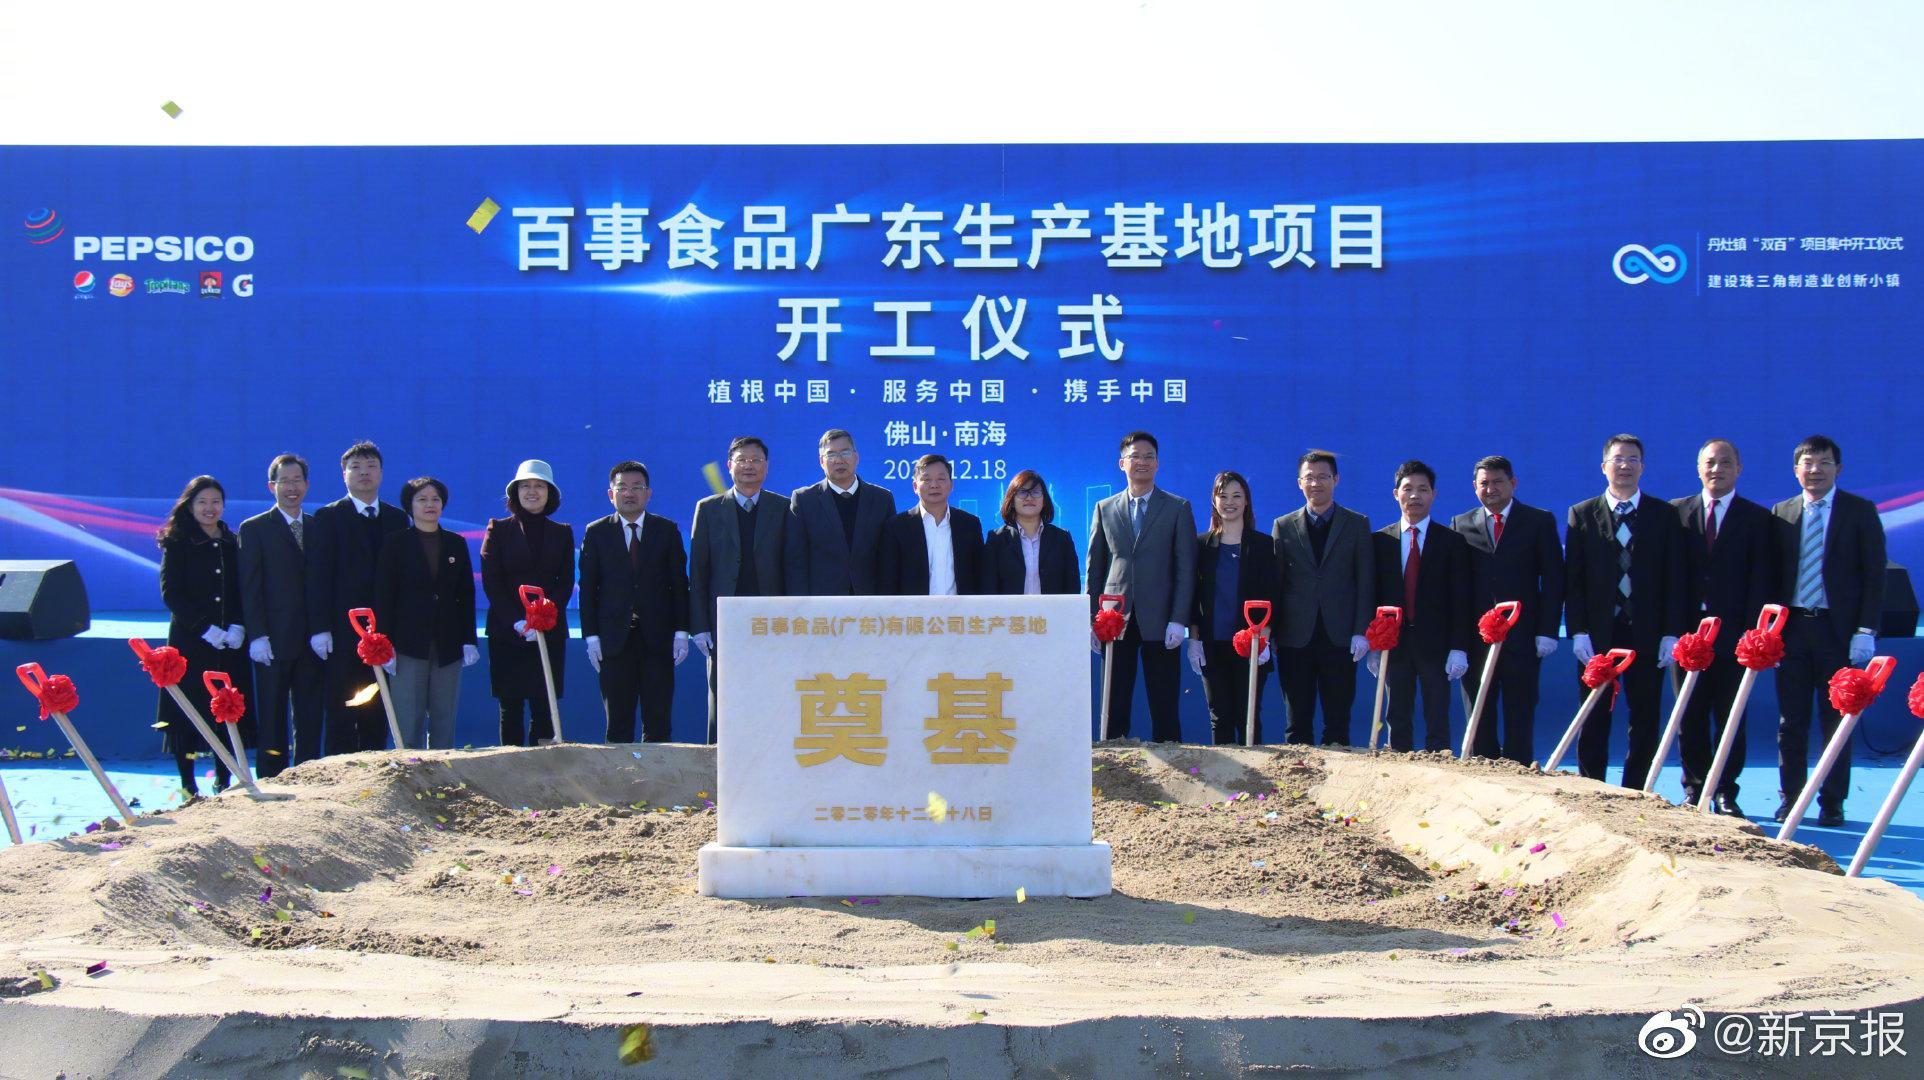 百事公司在广东建立首家食品生产基地